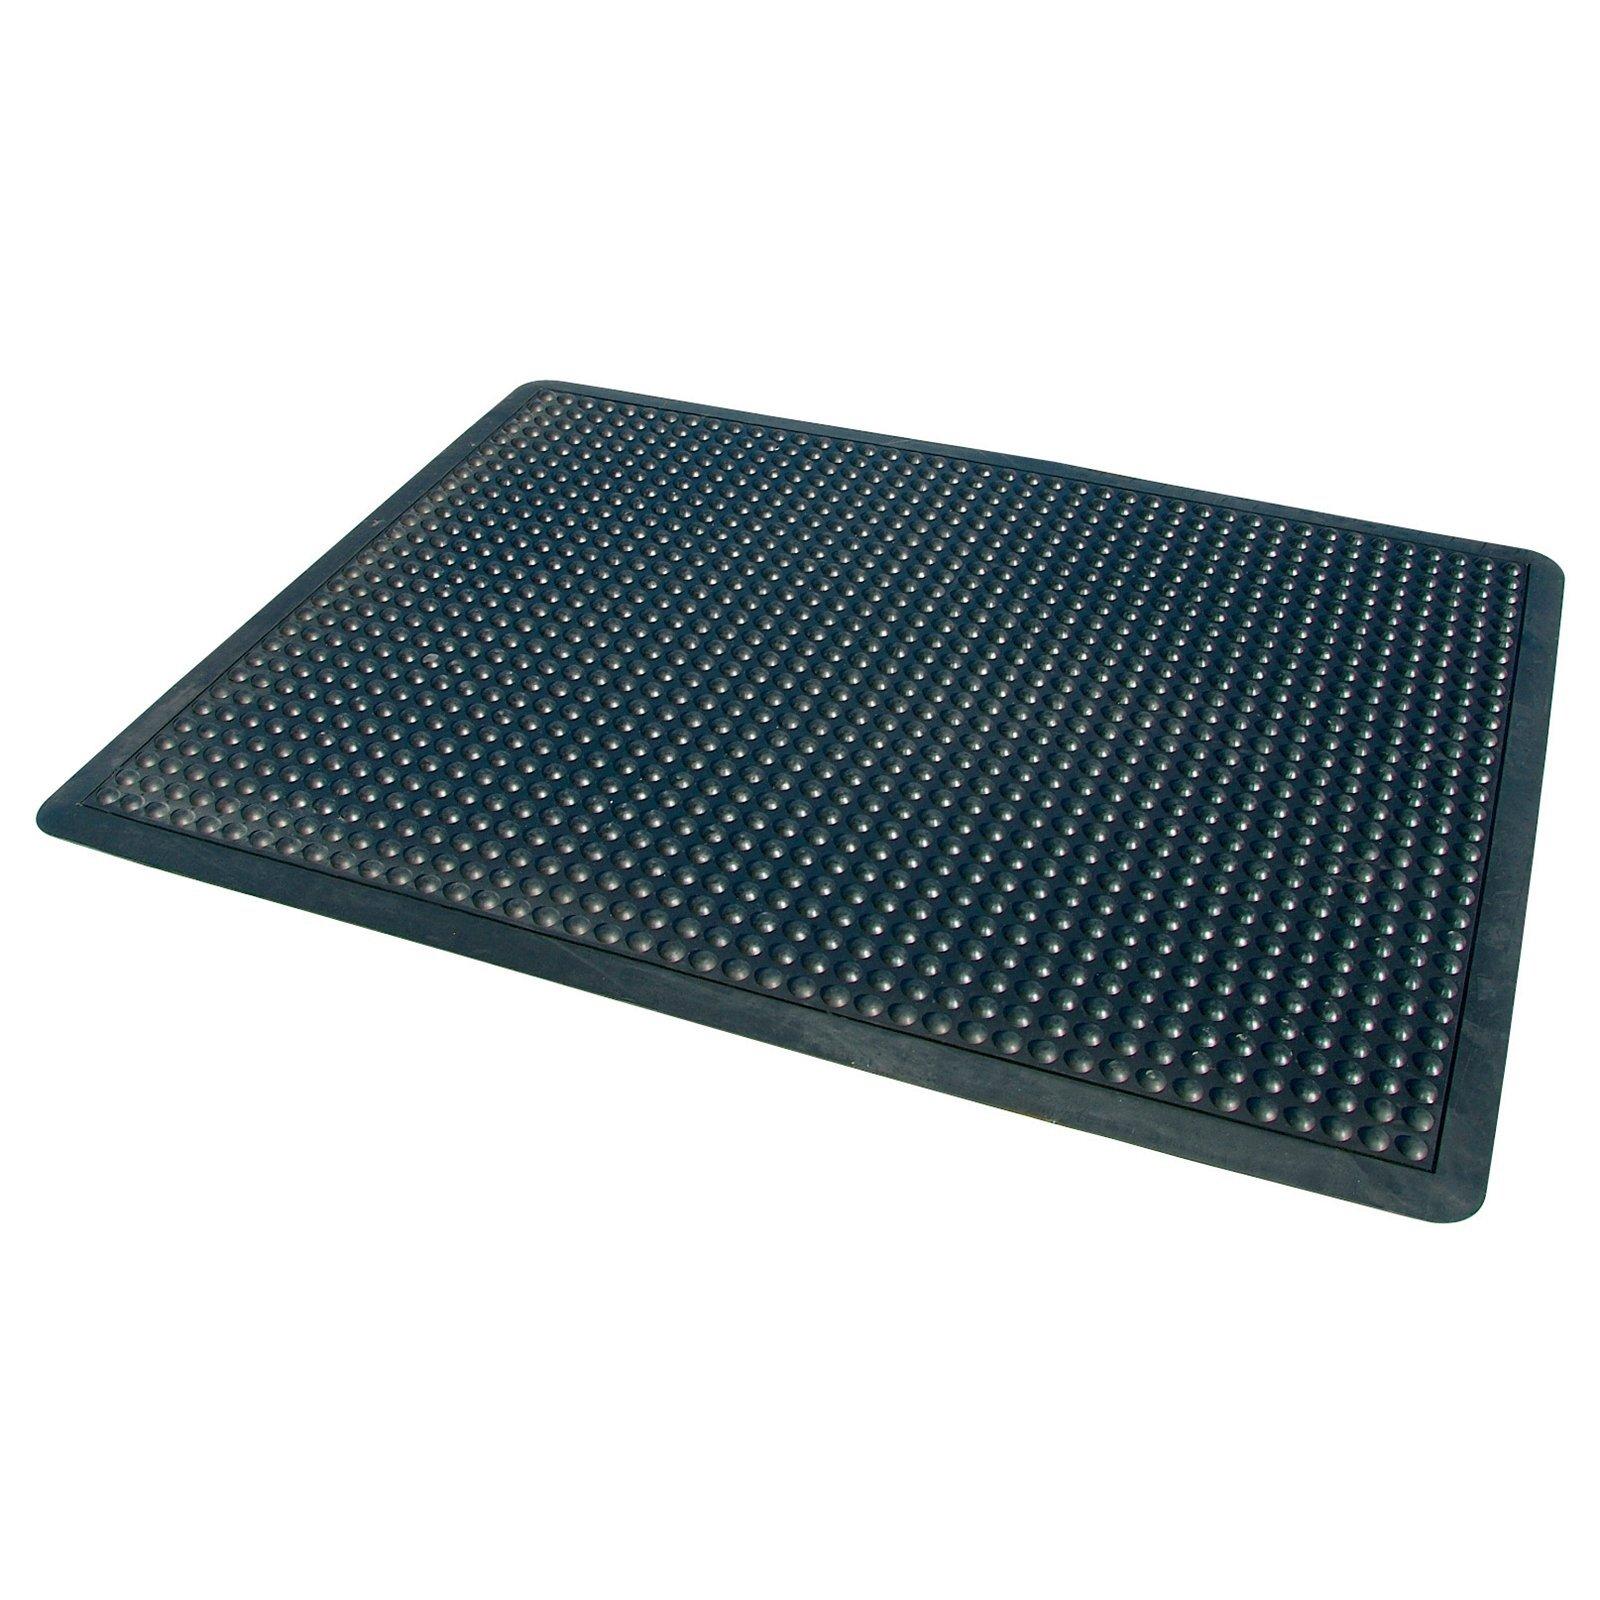 Matpro 600 x 900mm Ergo Tred Mat